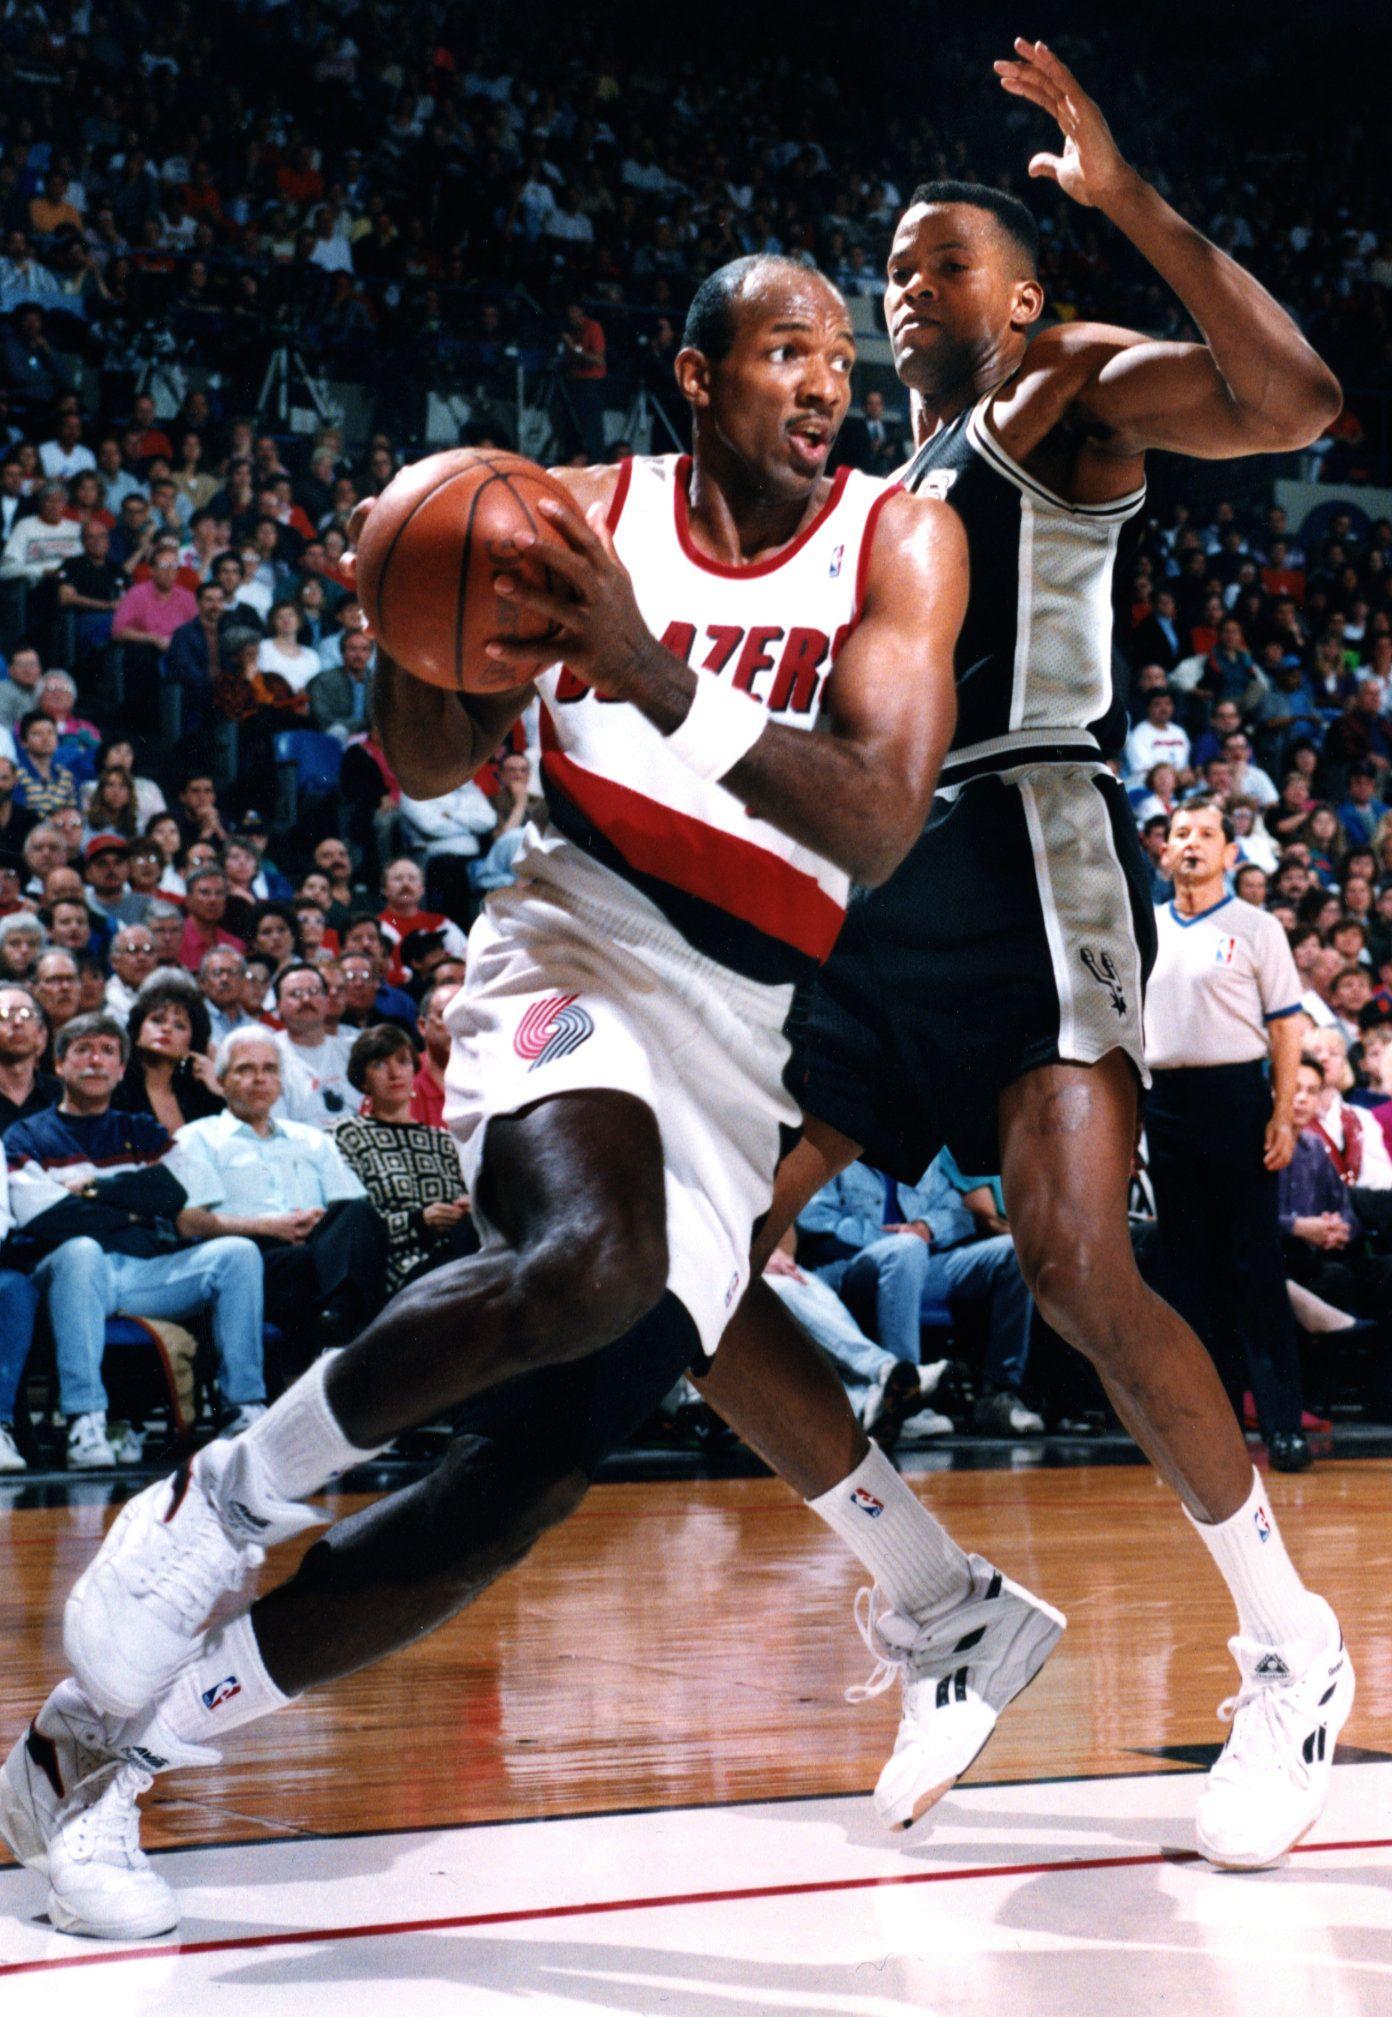 clyde 415—600 The NBA Superstars Pinterest